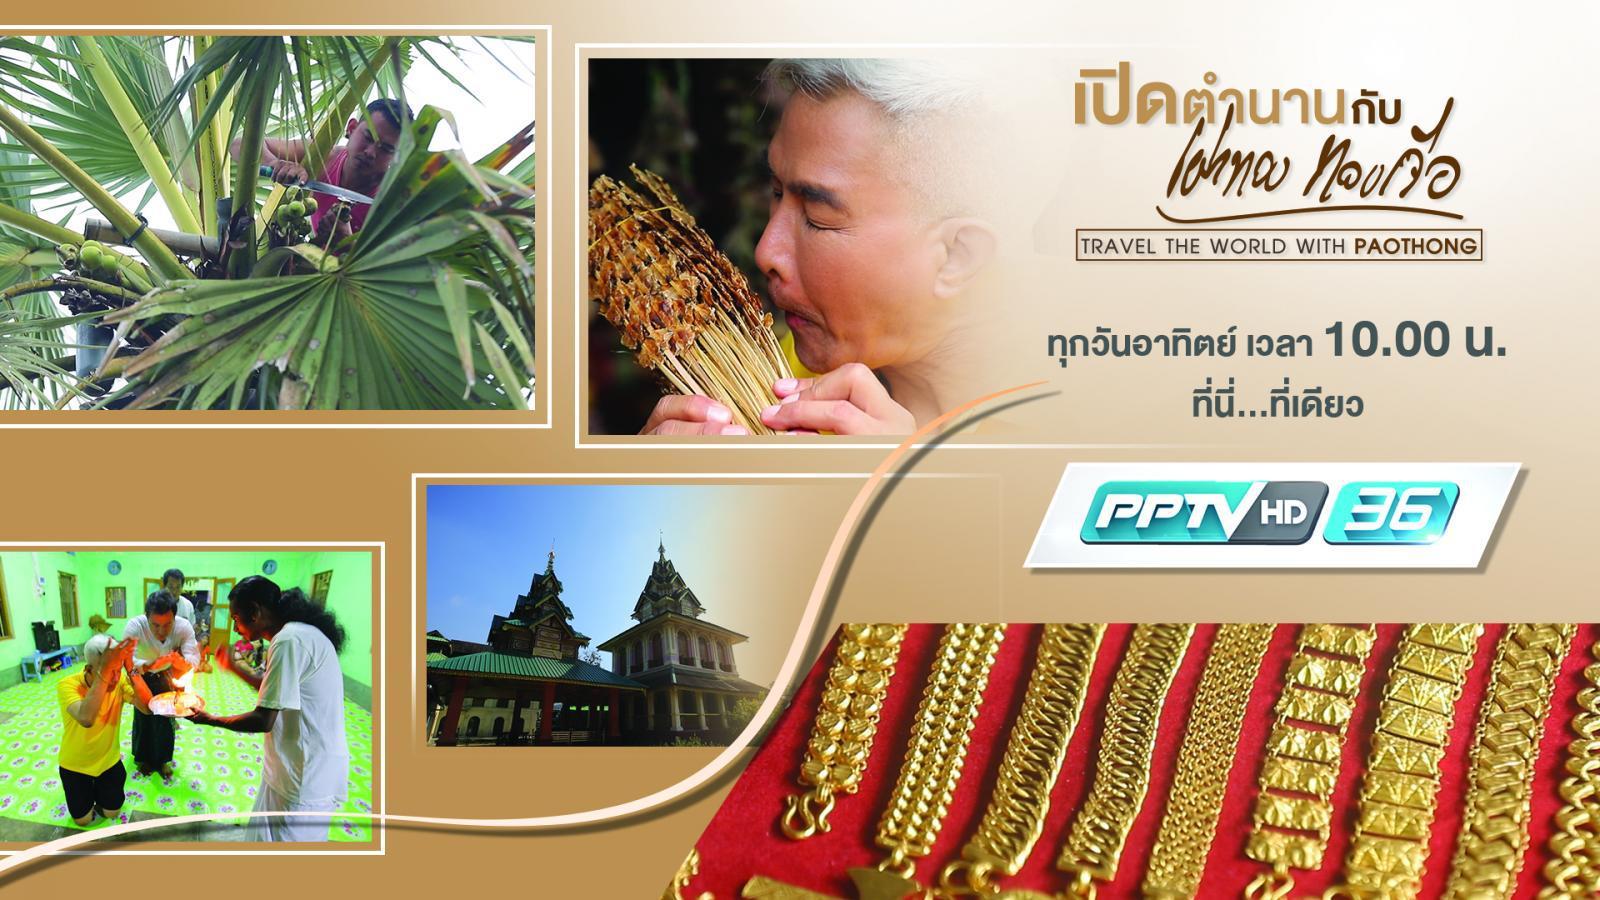 น้ำตาลสดเมืองทวาย ประเทศพม่า